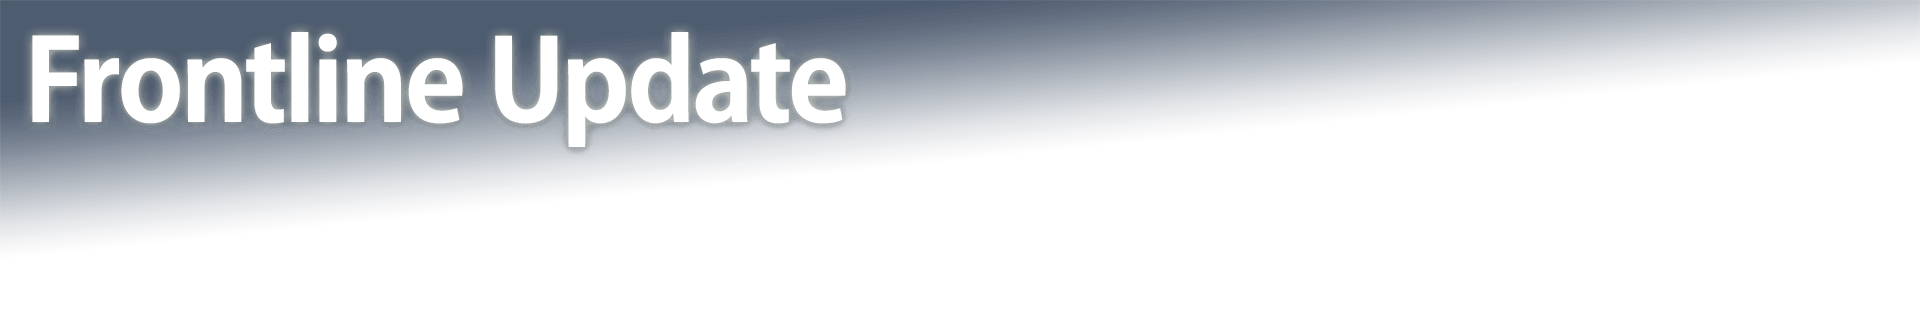 Frontline Update